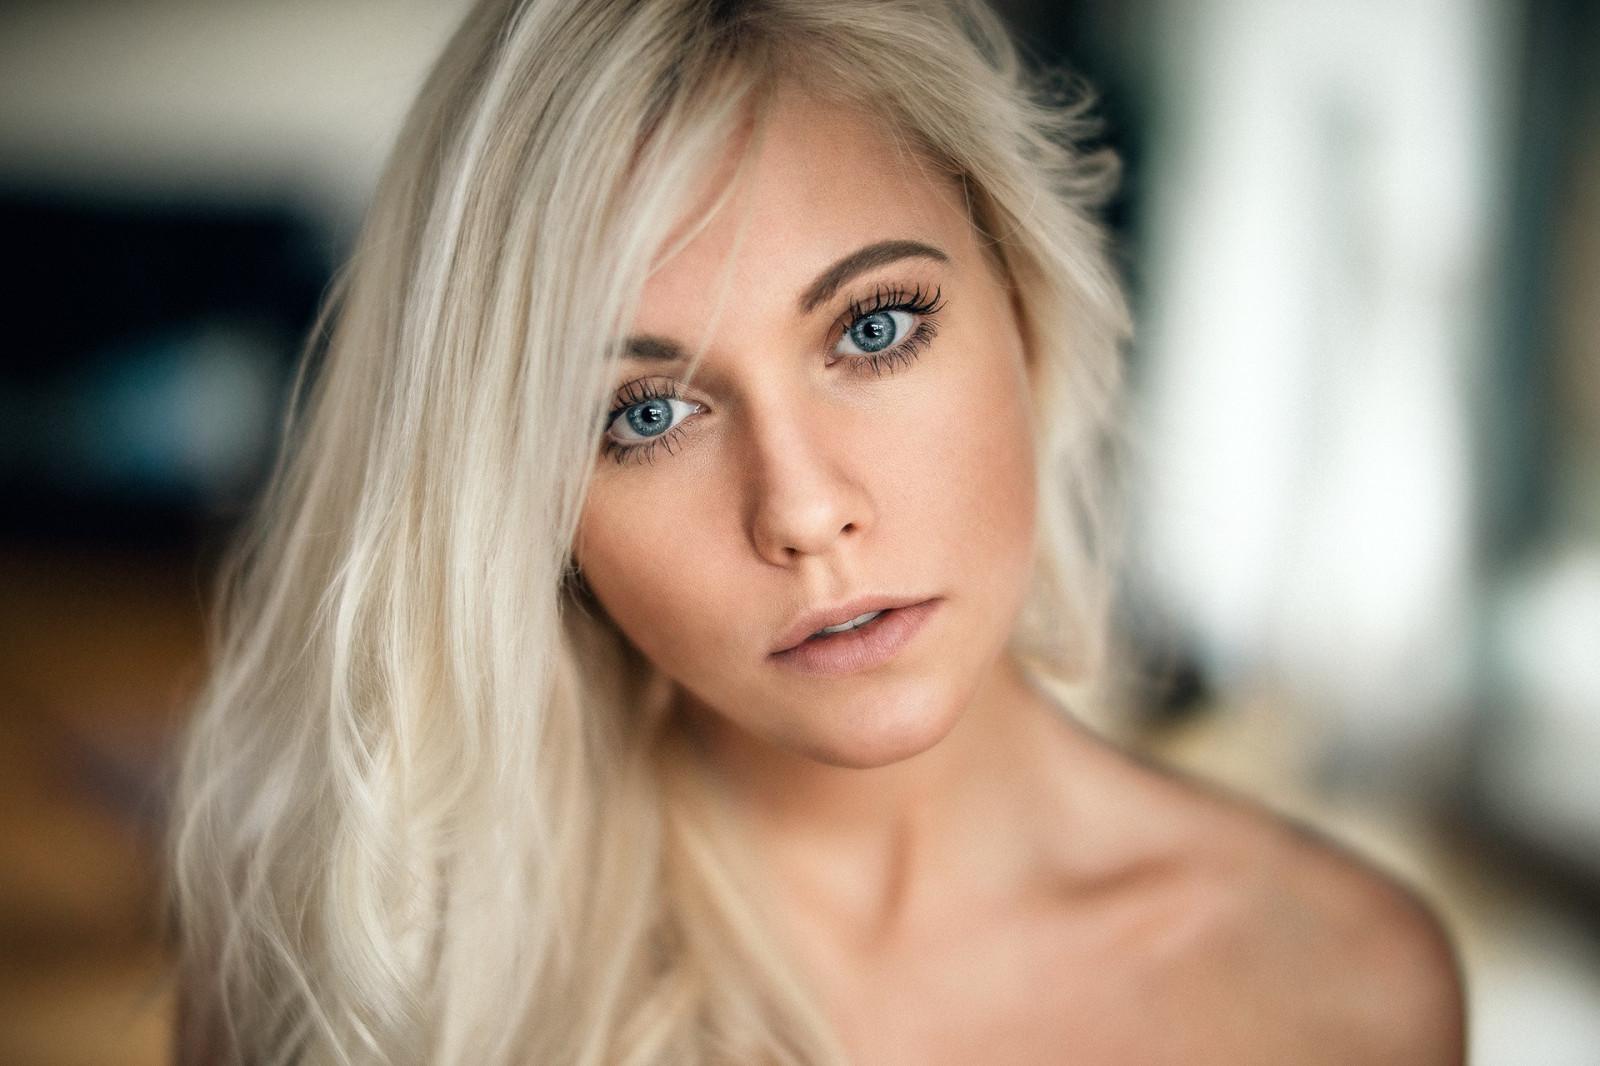 Голубоглазая белые волосы длинные стройная, женщины качки их порно фото